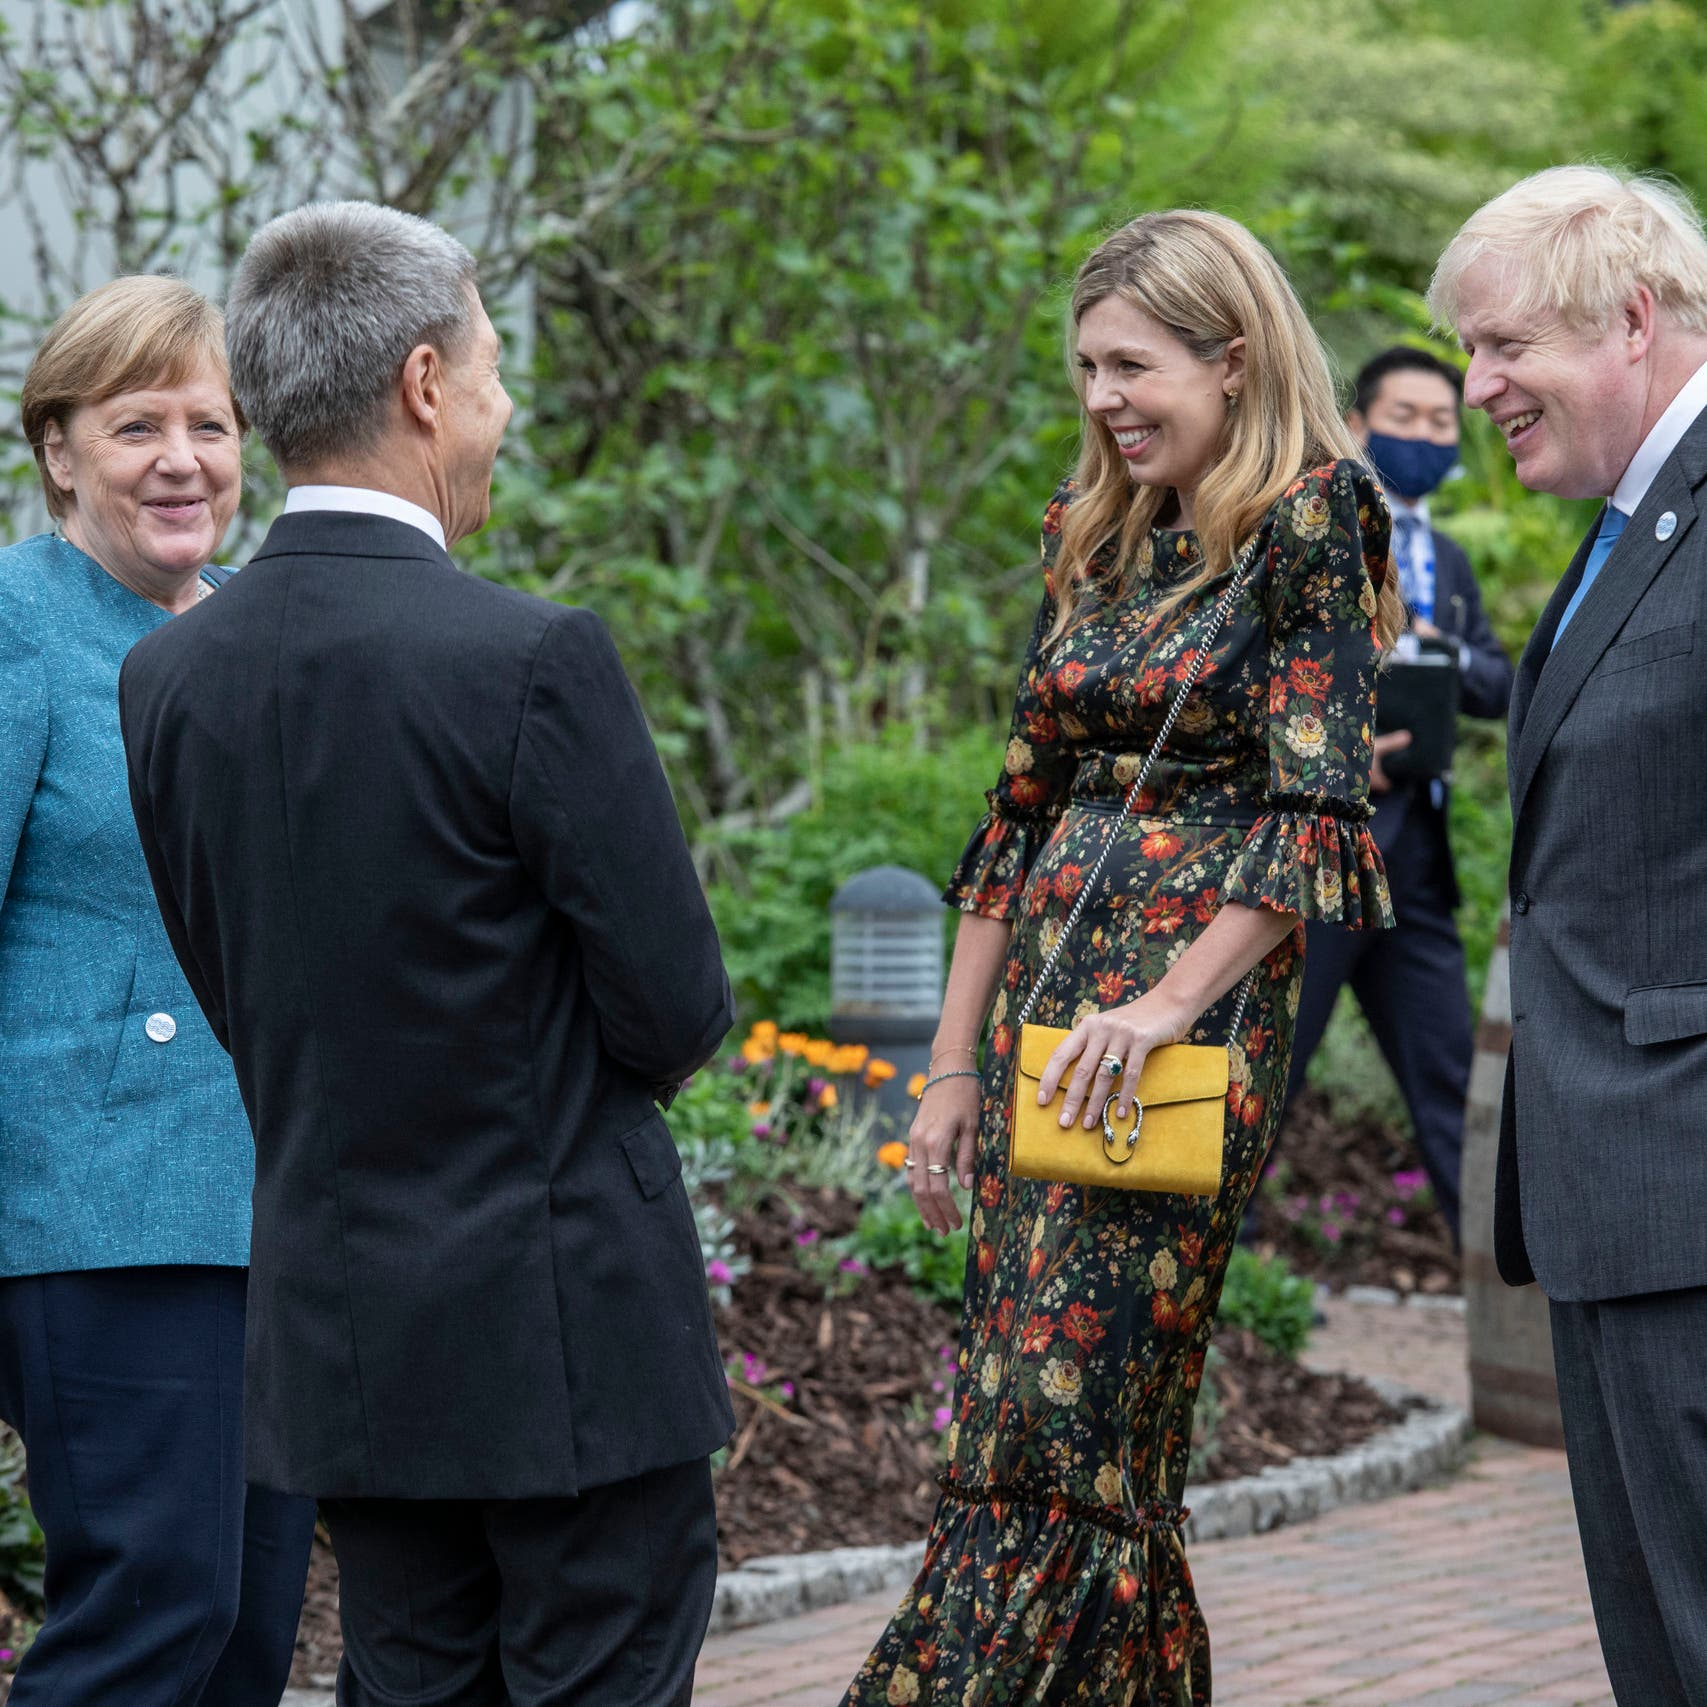 خلف الضحكات والمزاح بقمة السبع.. تهديد مبطن لبريطانيا